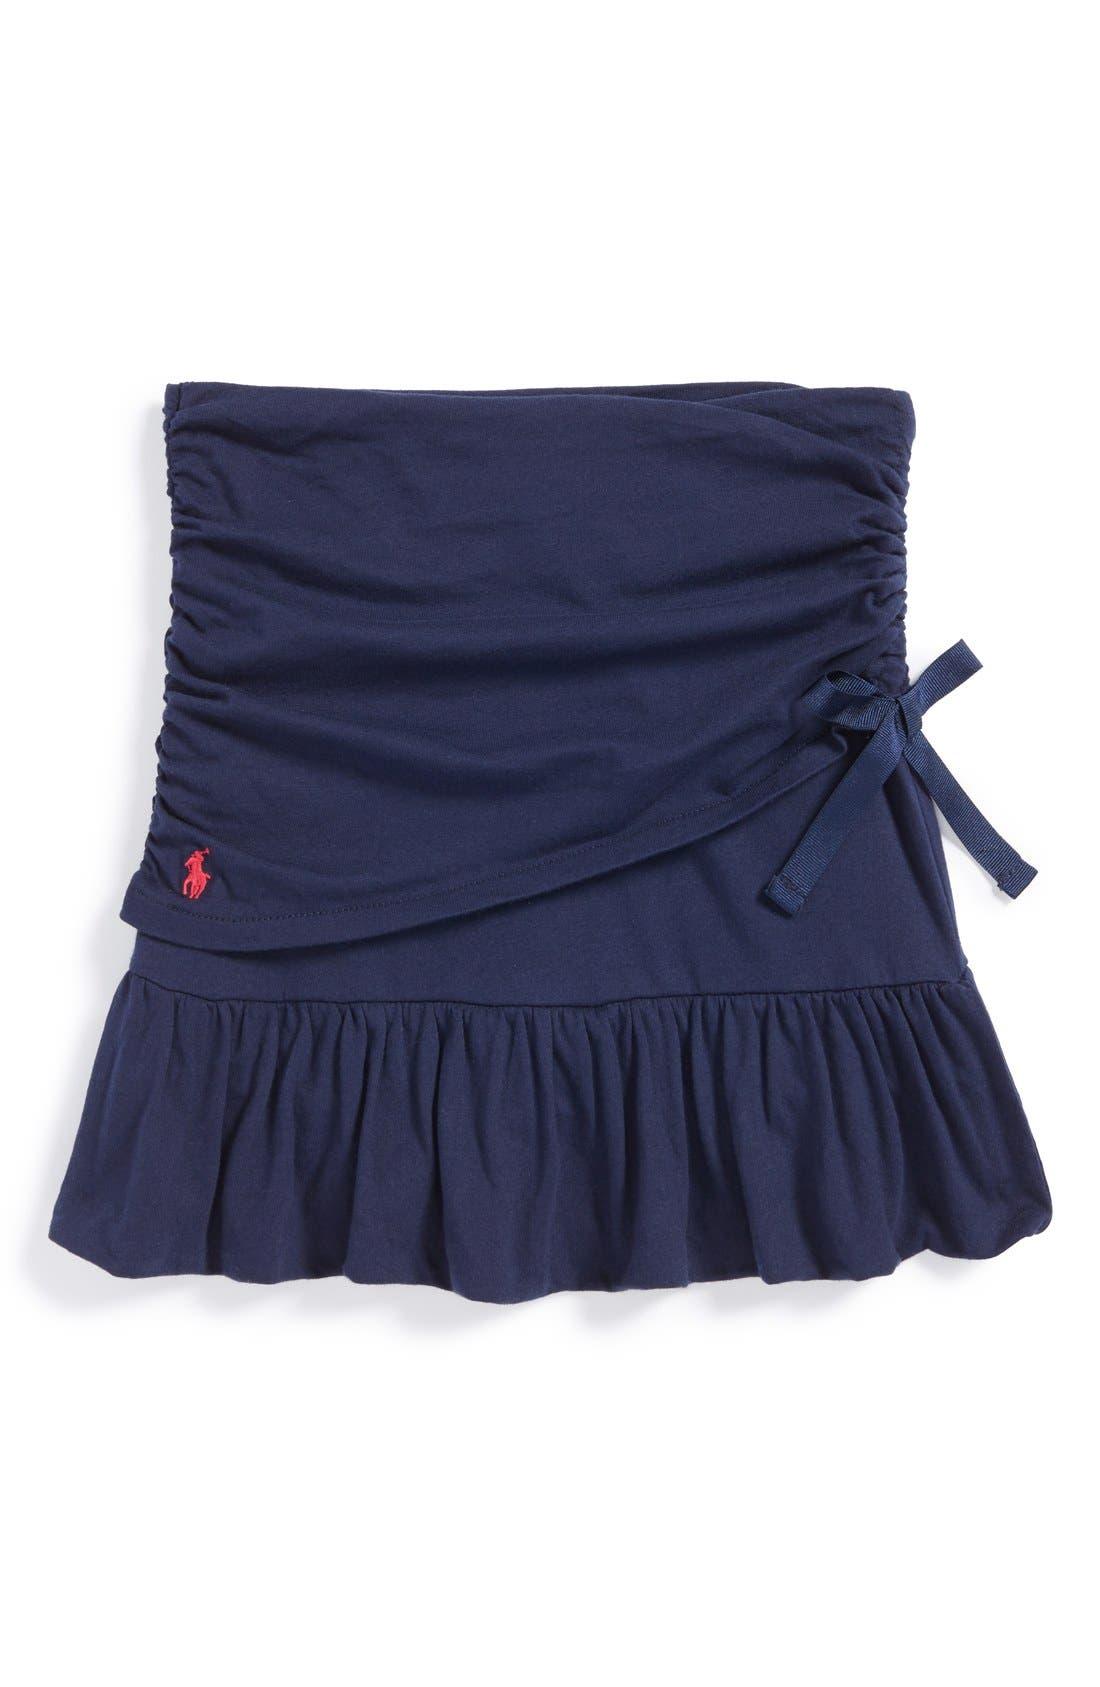 Alternate Image 1 Selected - Ralph Lauren Ruched Skirt (Toddler Girls & Little Girls)